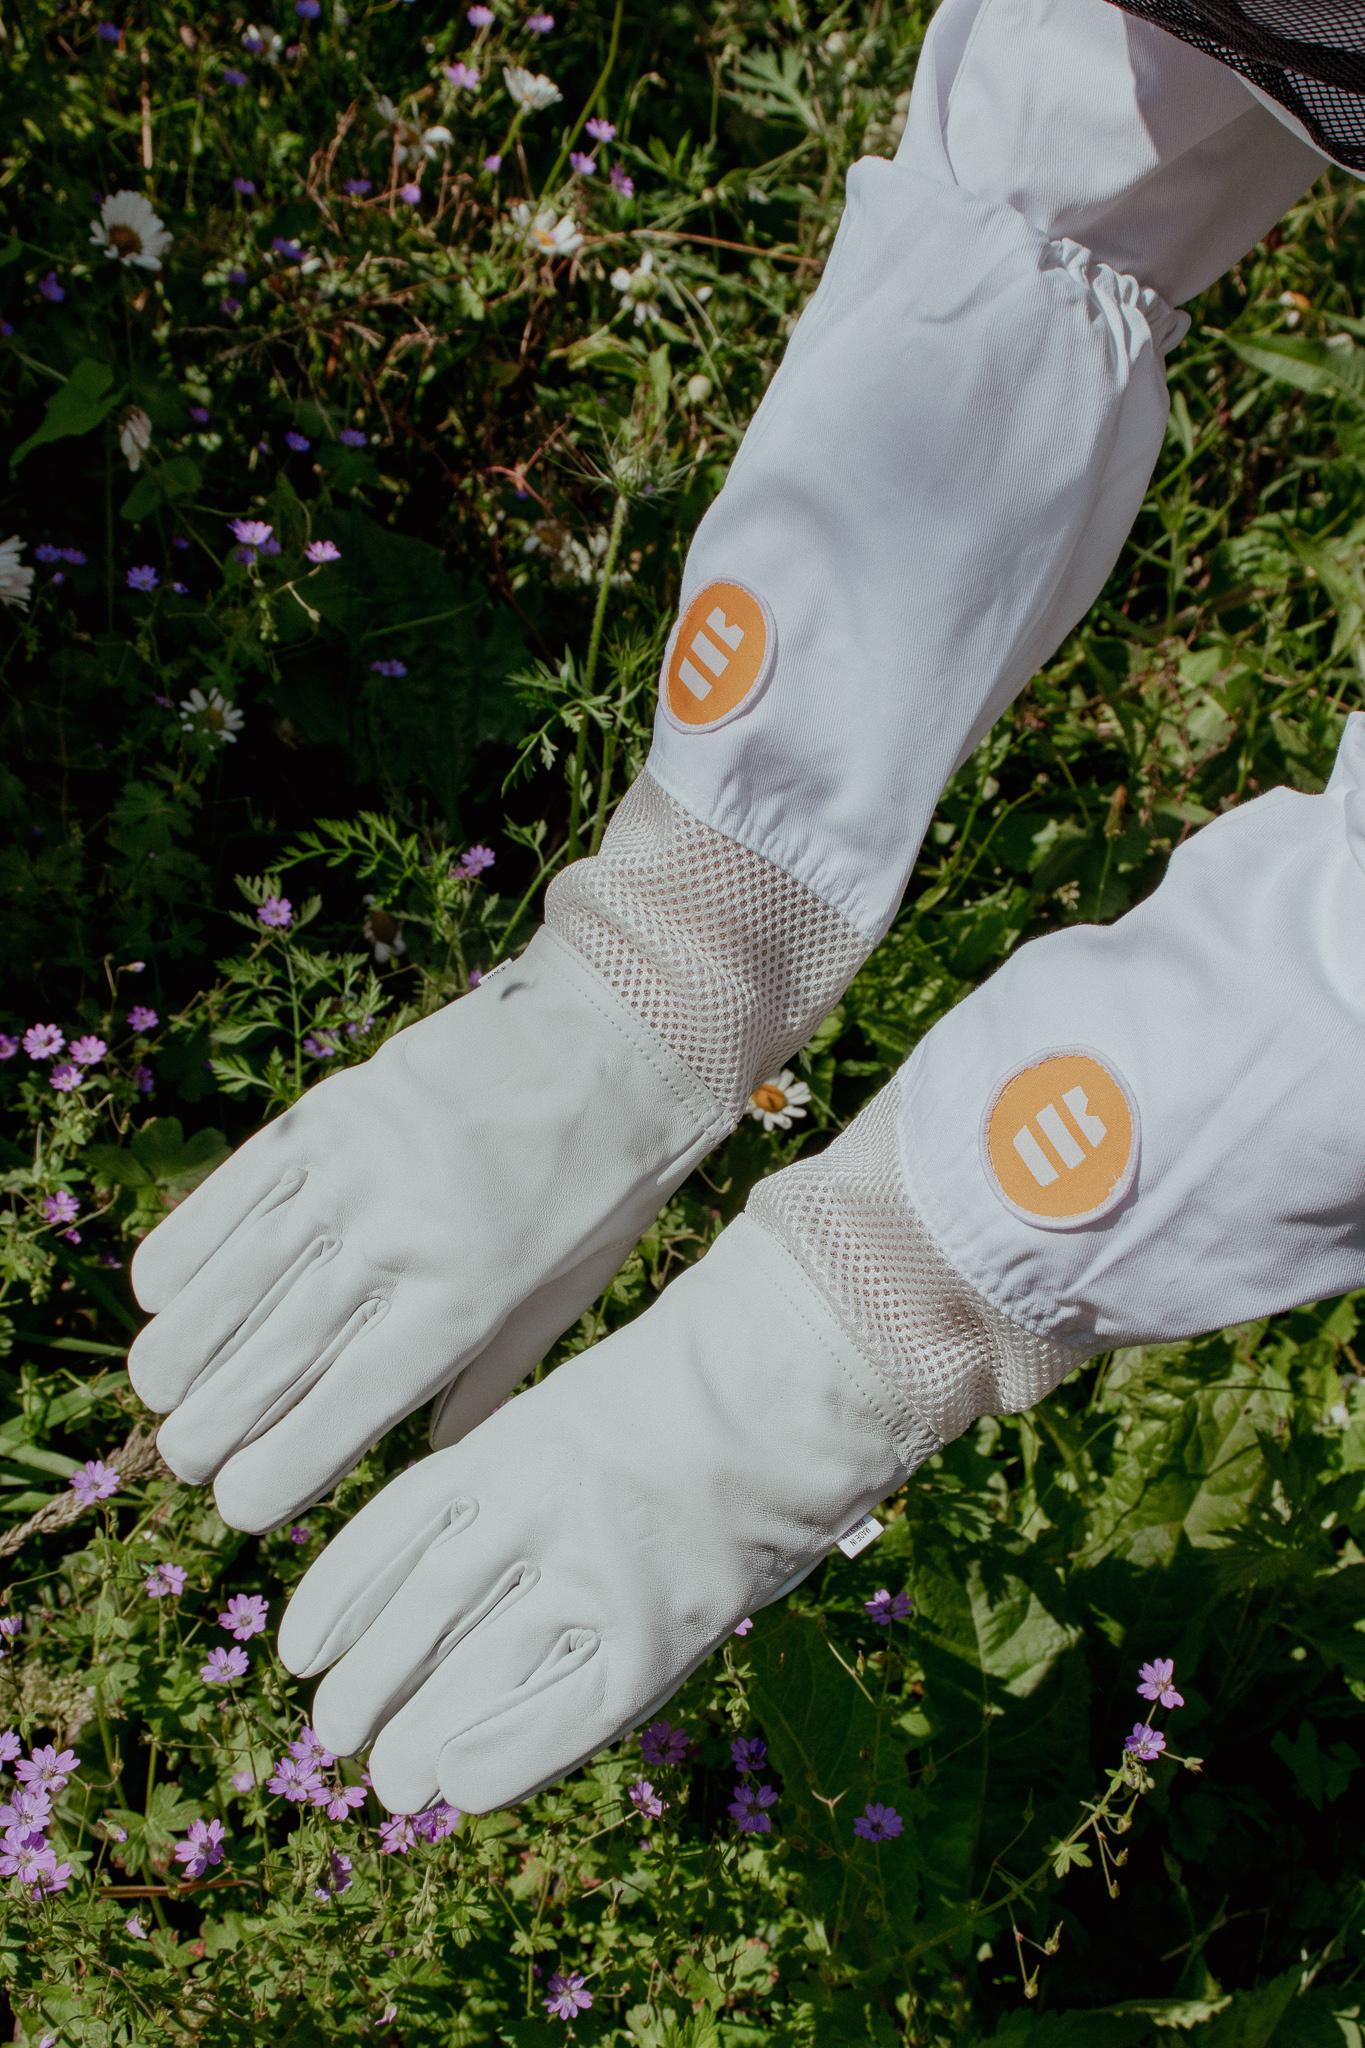 Lederen handschoenen met verluchting-1